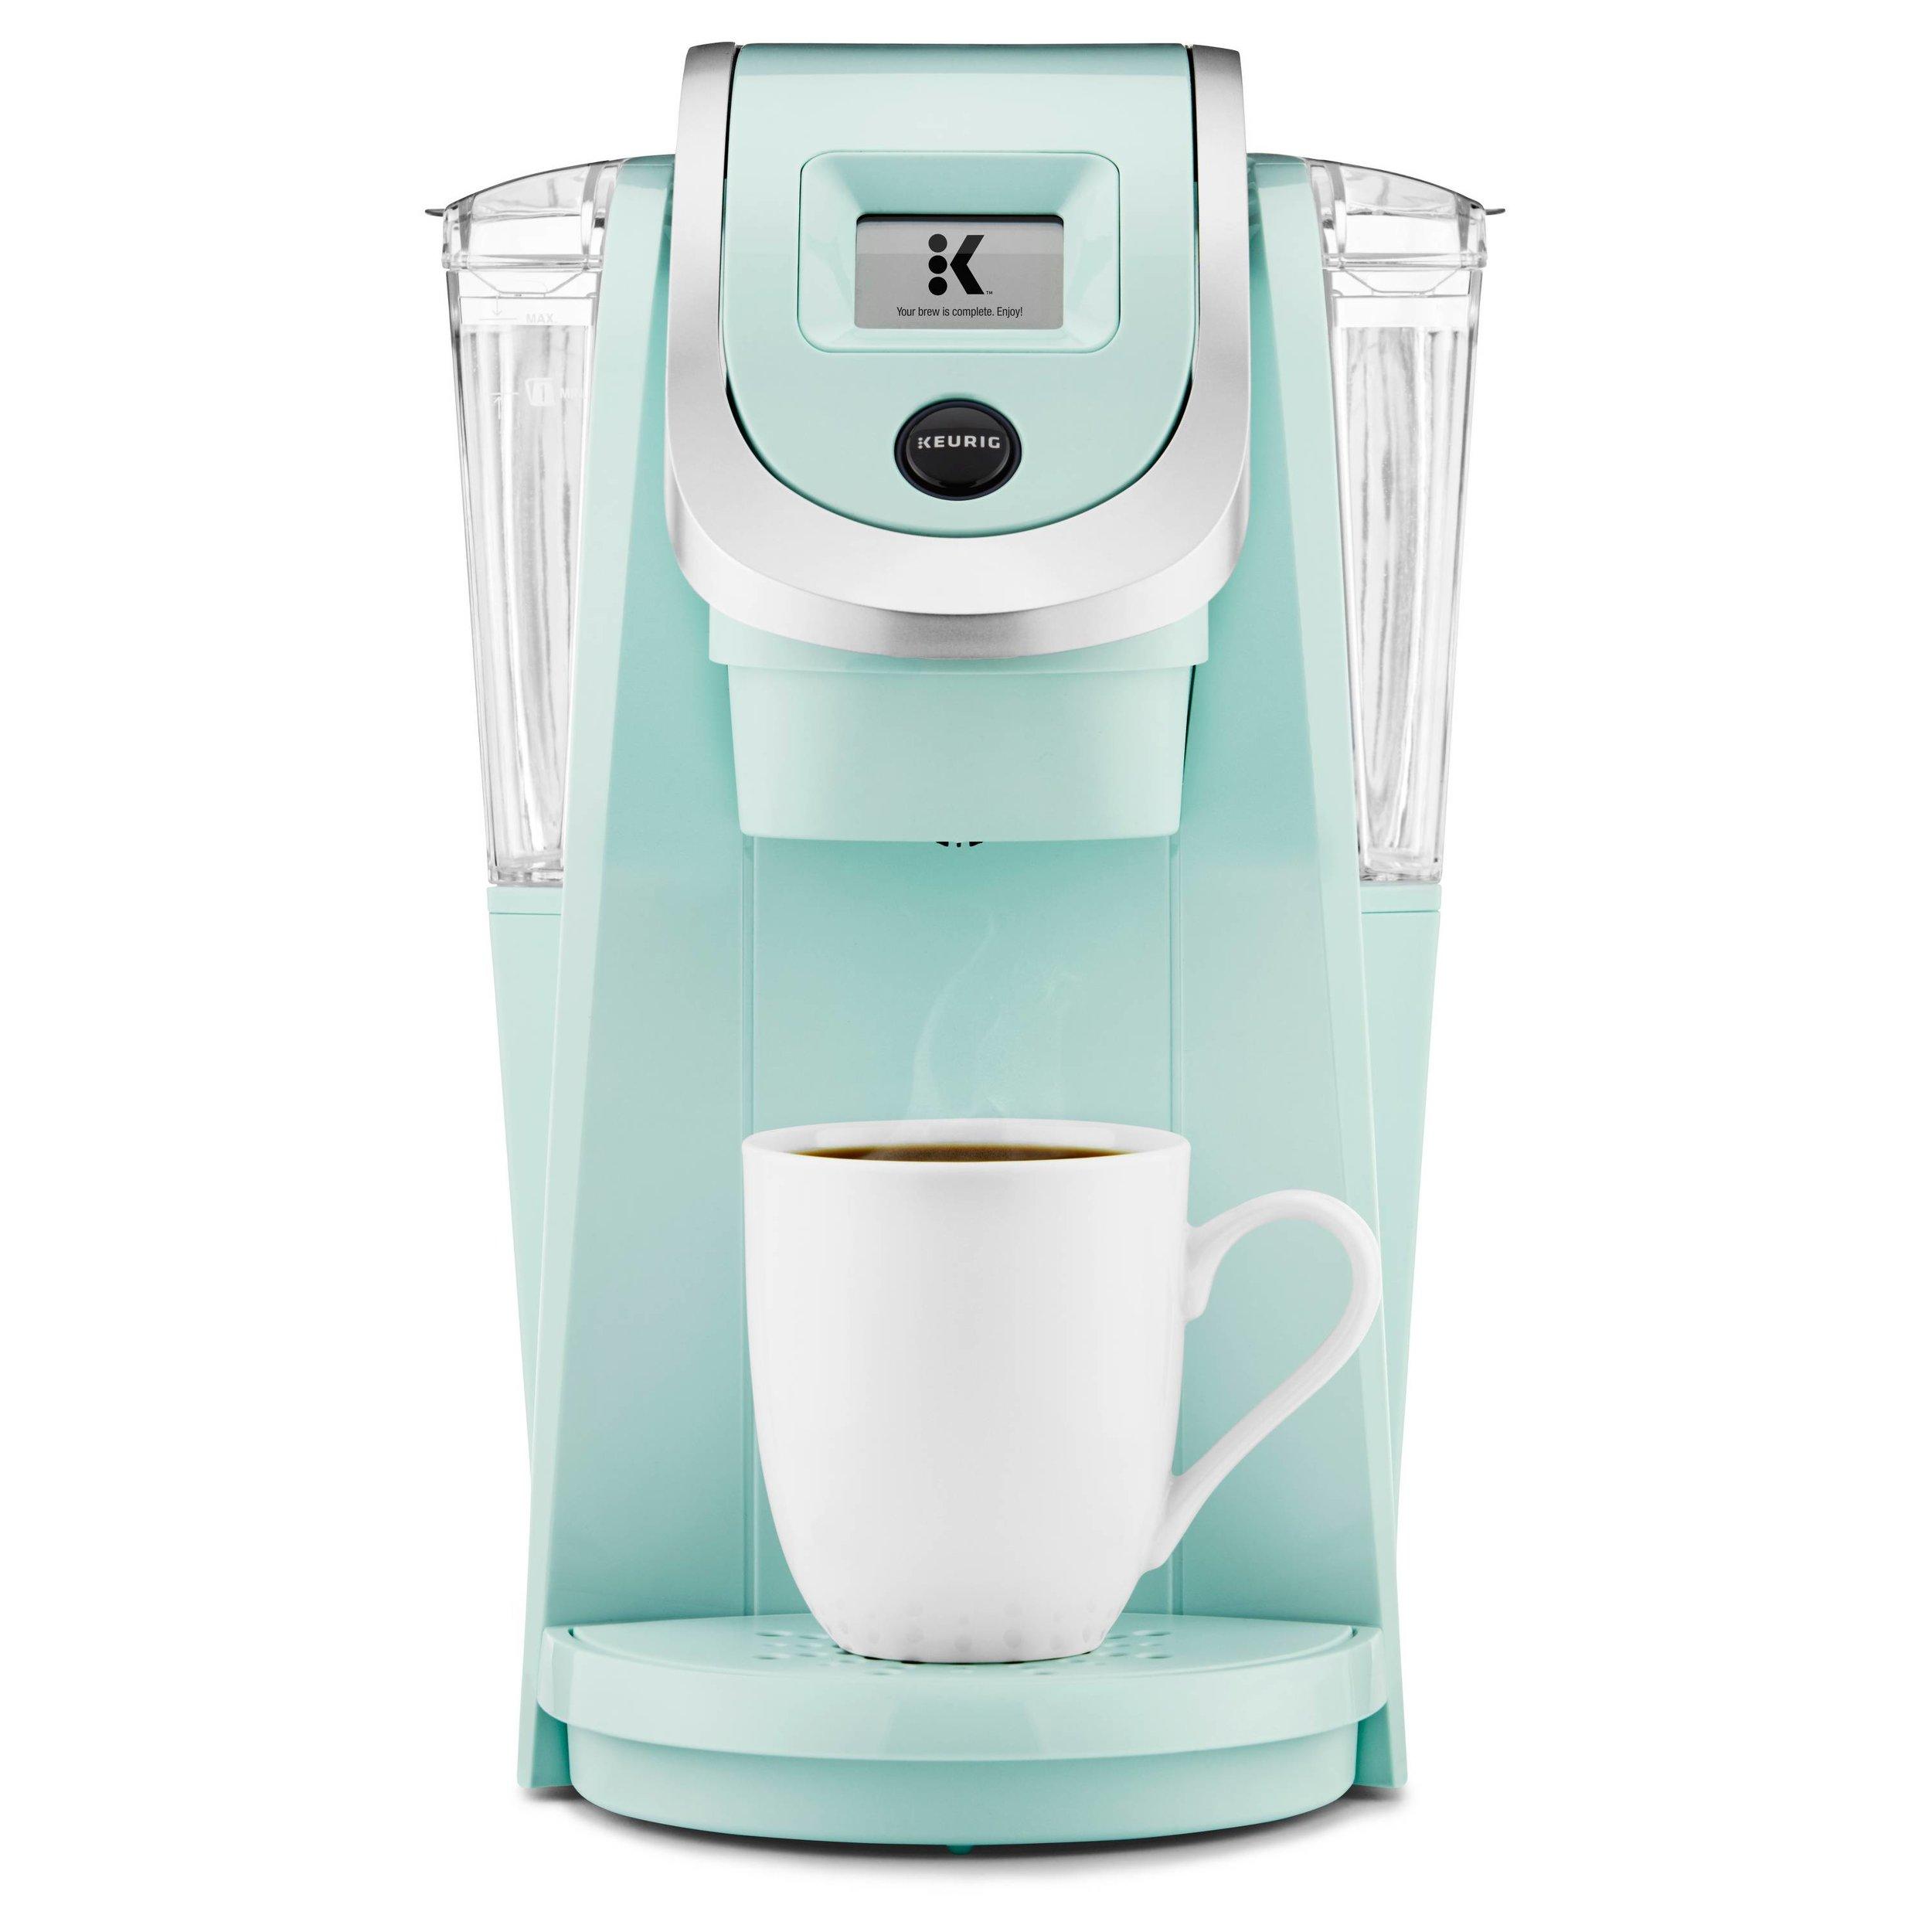 Keurig® 2.0 K200 Coffee Maker Brewing System